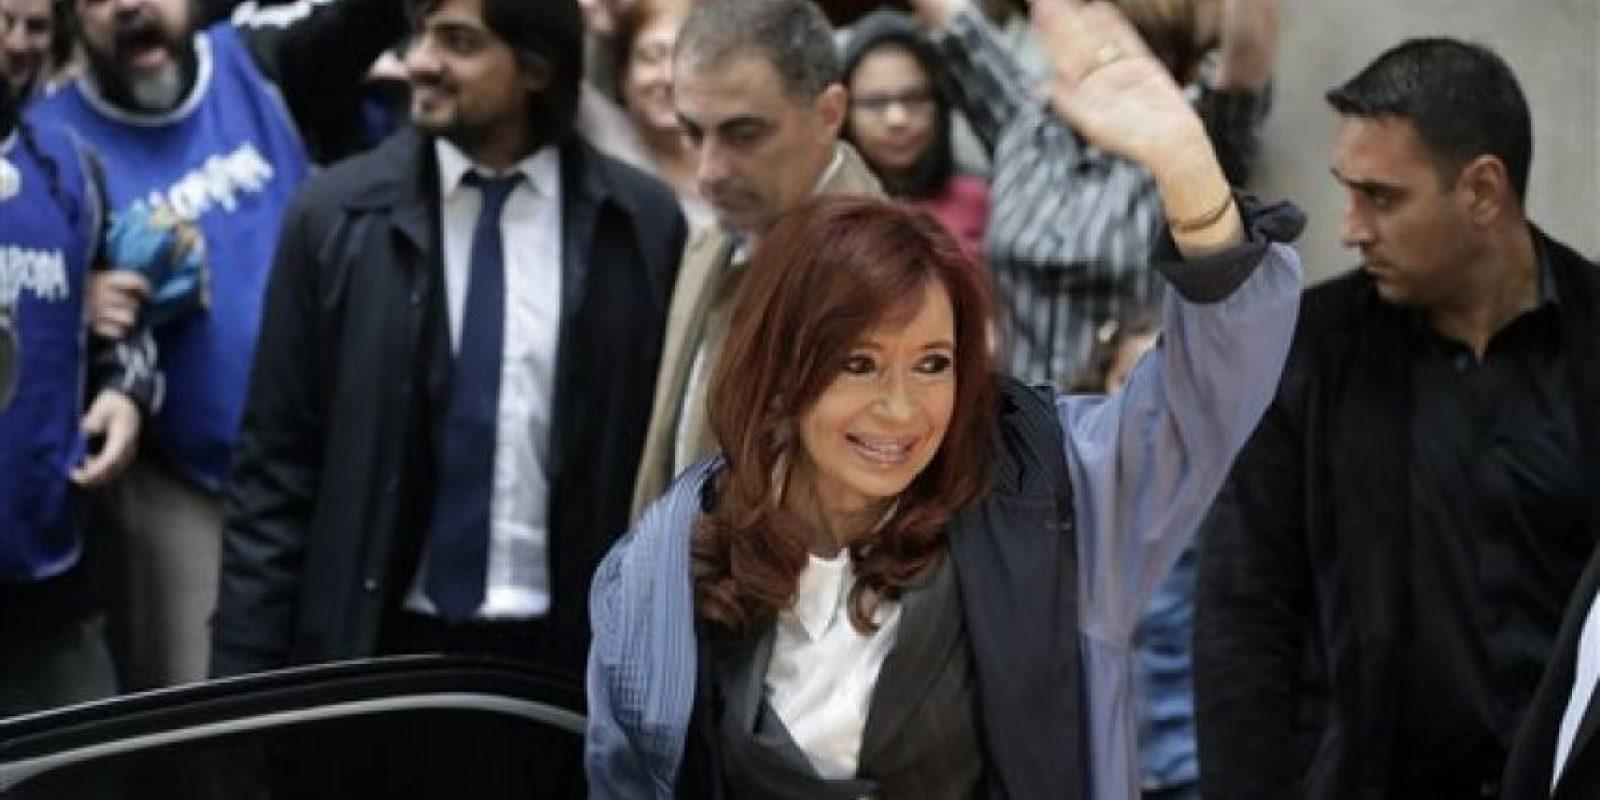 Mediante un discurso se defendió de las acusaciones en su contra. Foto:AP